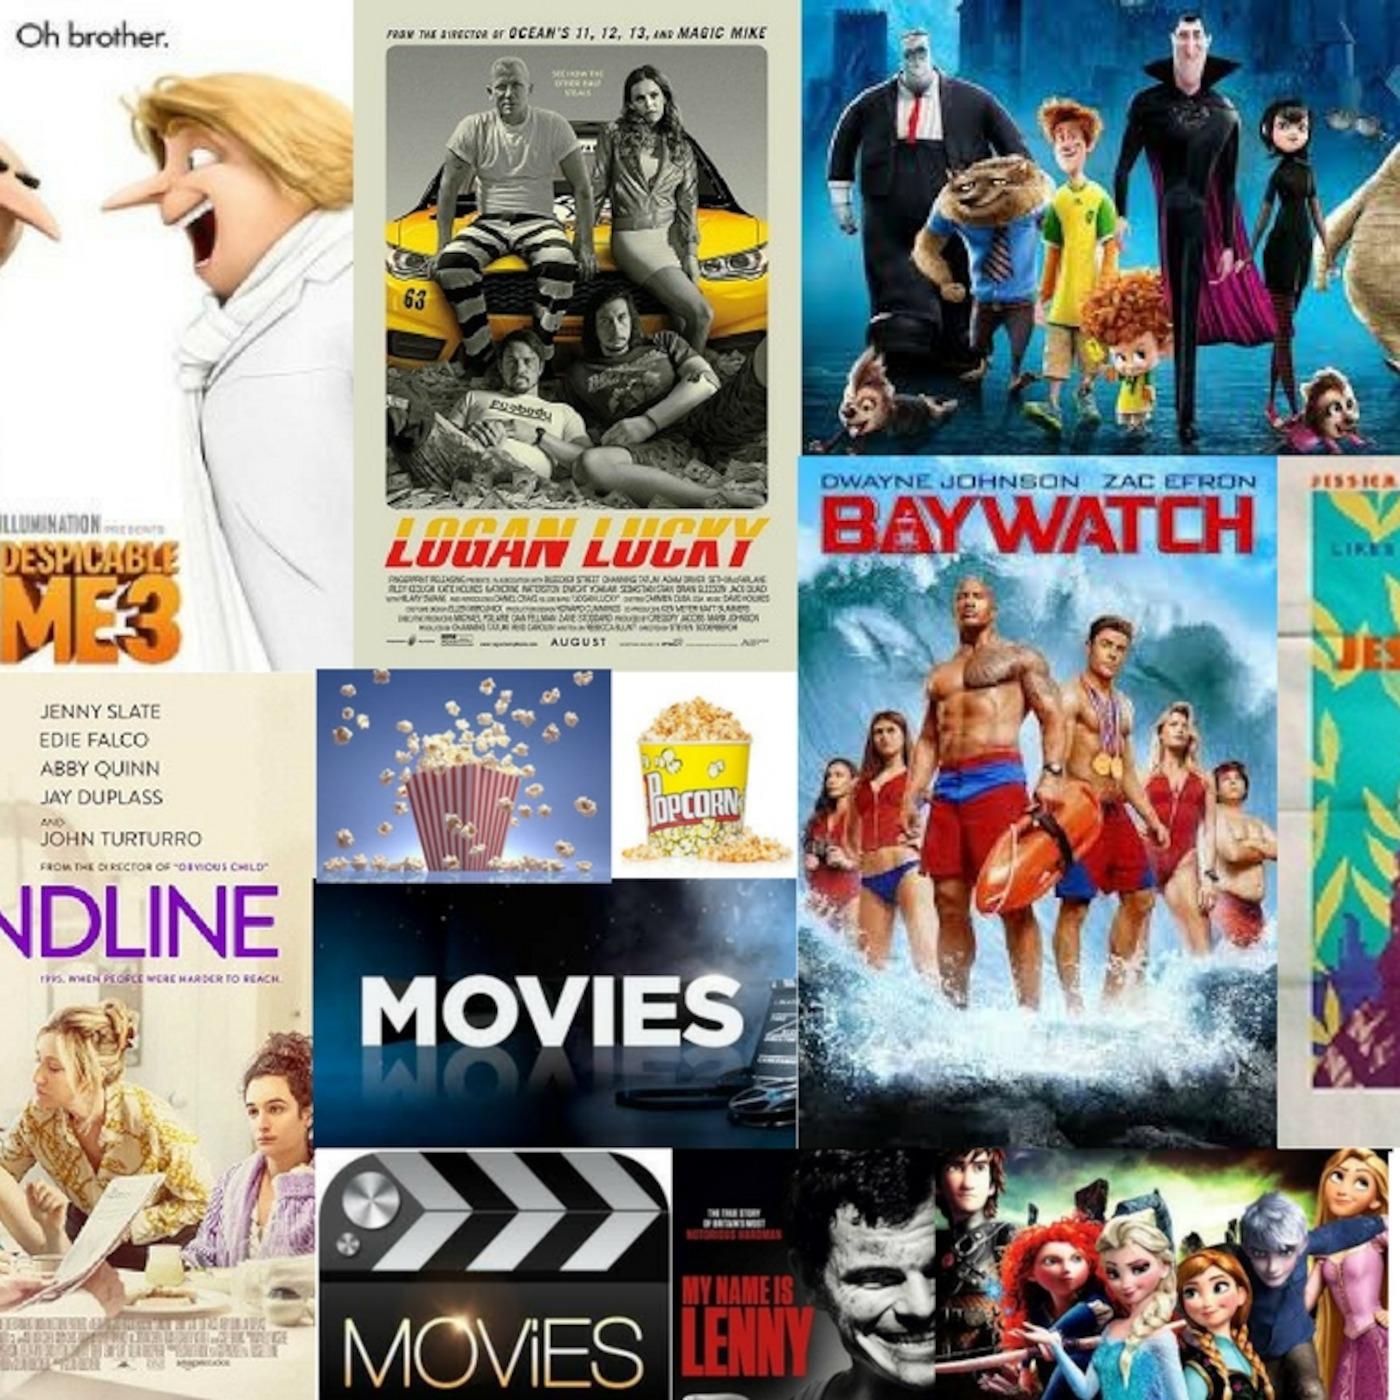 baywatch free movie full